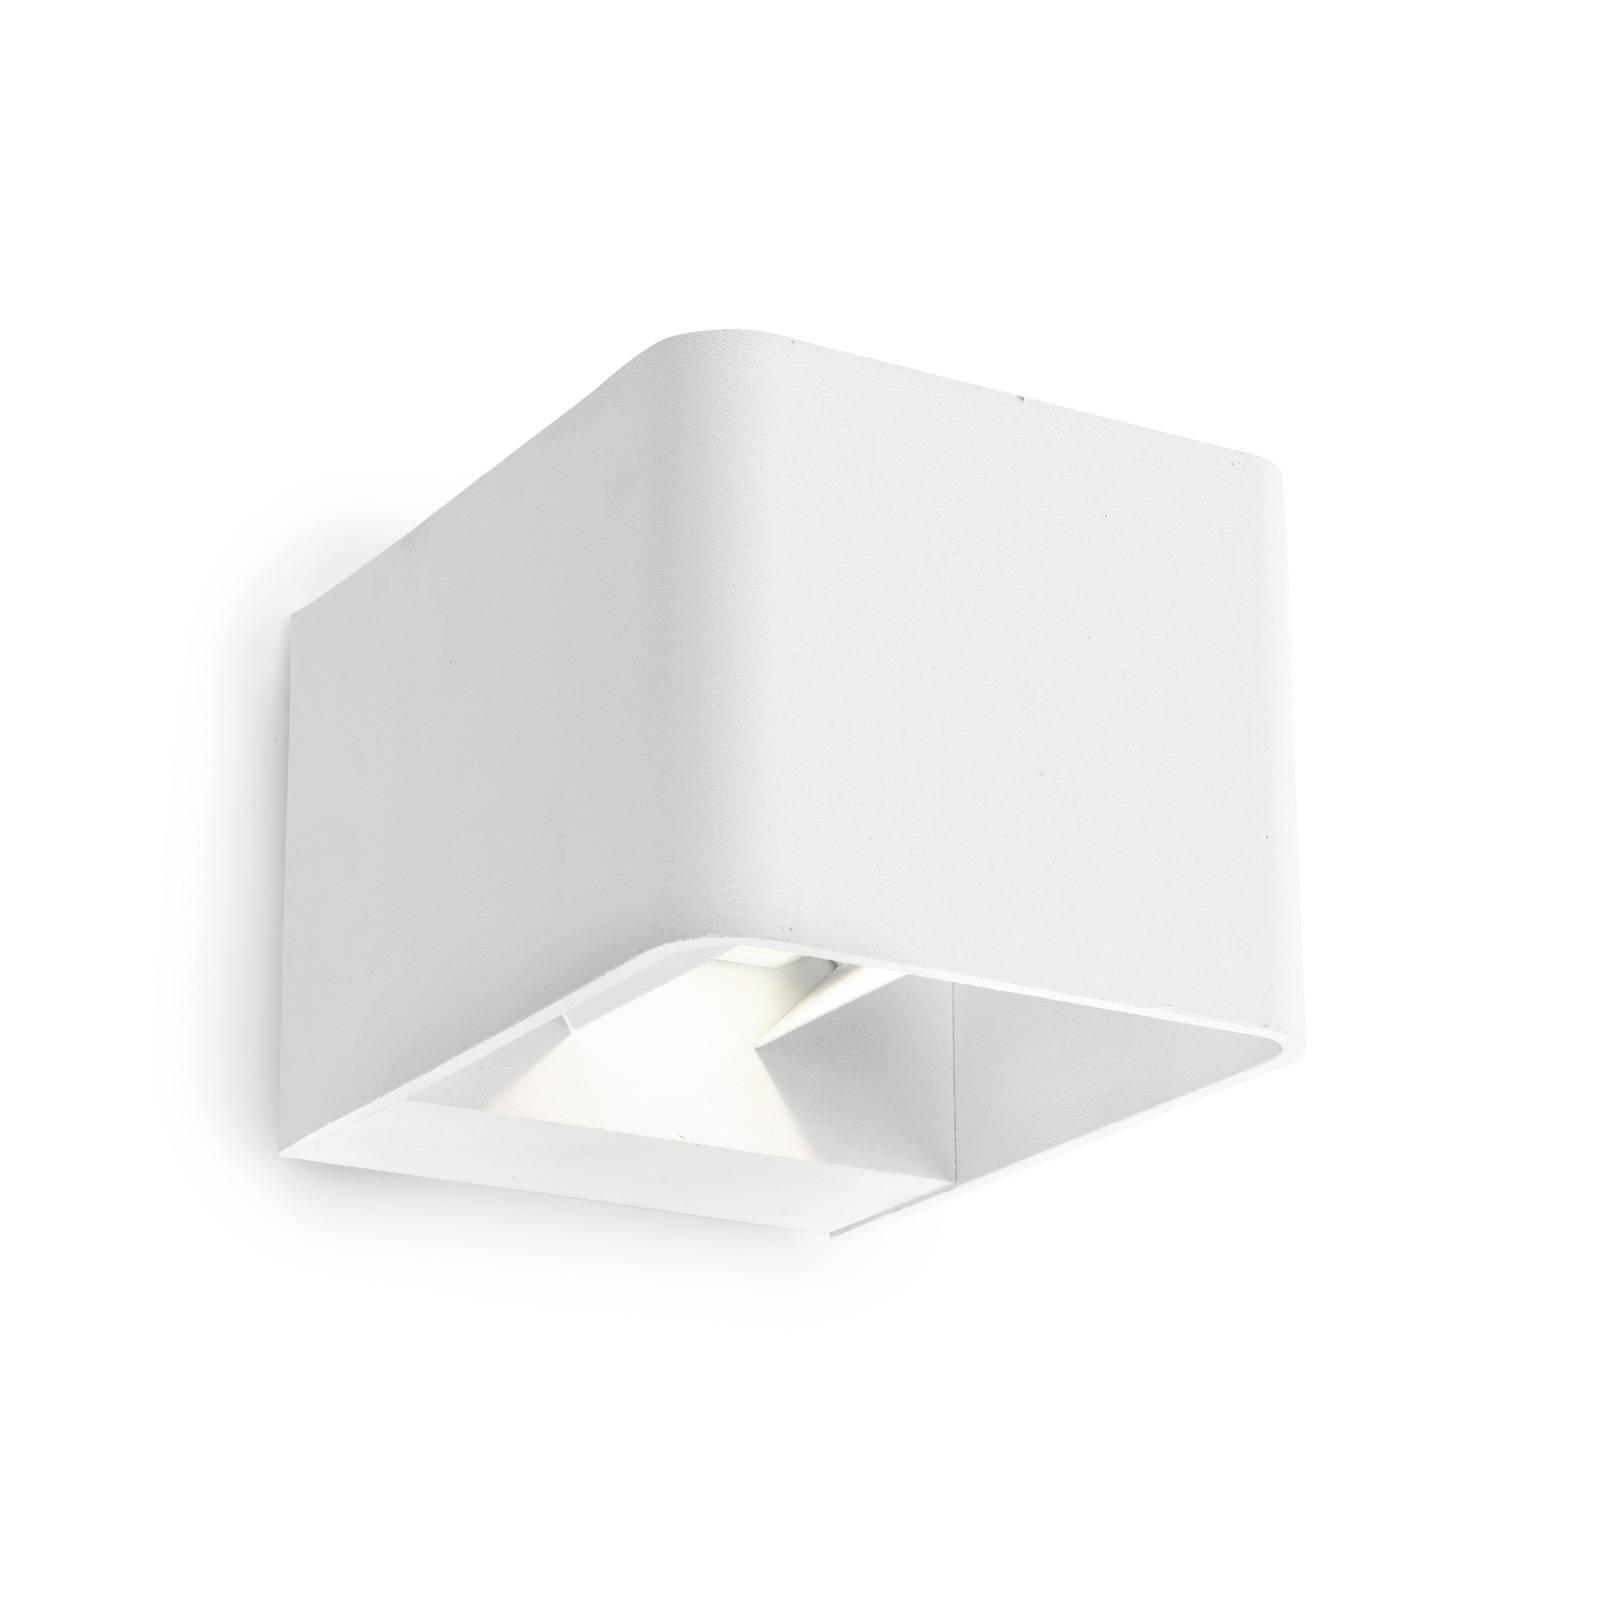 LEDS-C4 Wilson applique d'ext. LED, 11cm, blanche